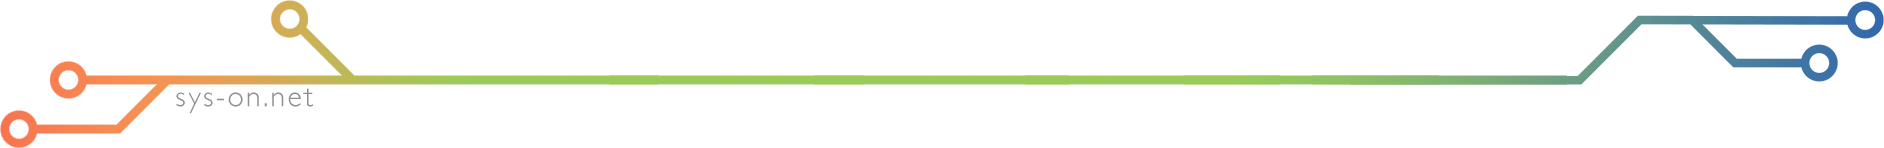 SeparatorNet - تعرف على المزايا والمواصفات المتوقعة لسماعة آير بودز 2 القادمة من شركة آبل